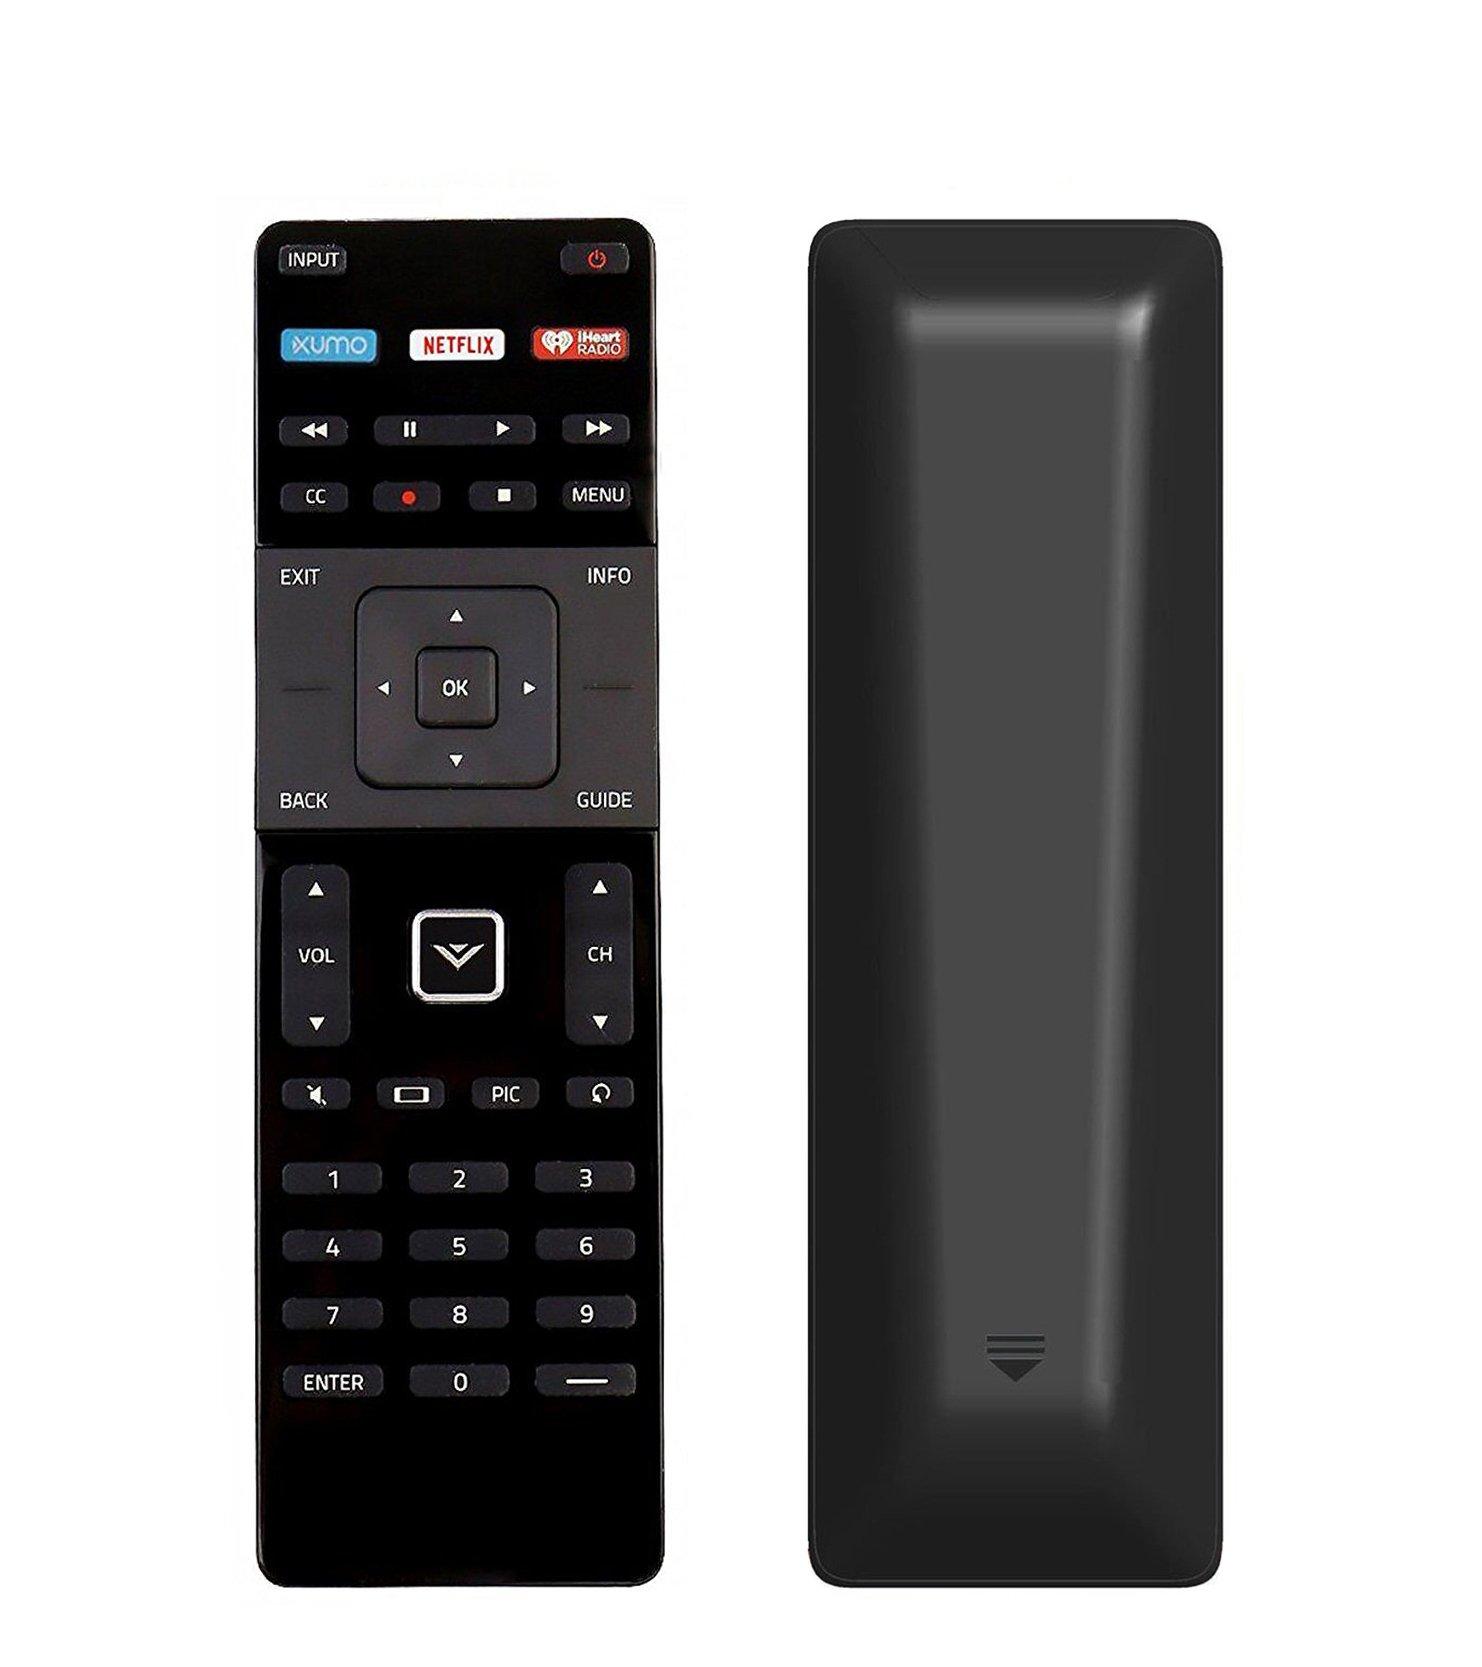 Control Remoto Xrt122 Vizio Tv E32 C1 E32h C1 E40 C2 E40x...